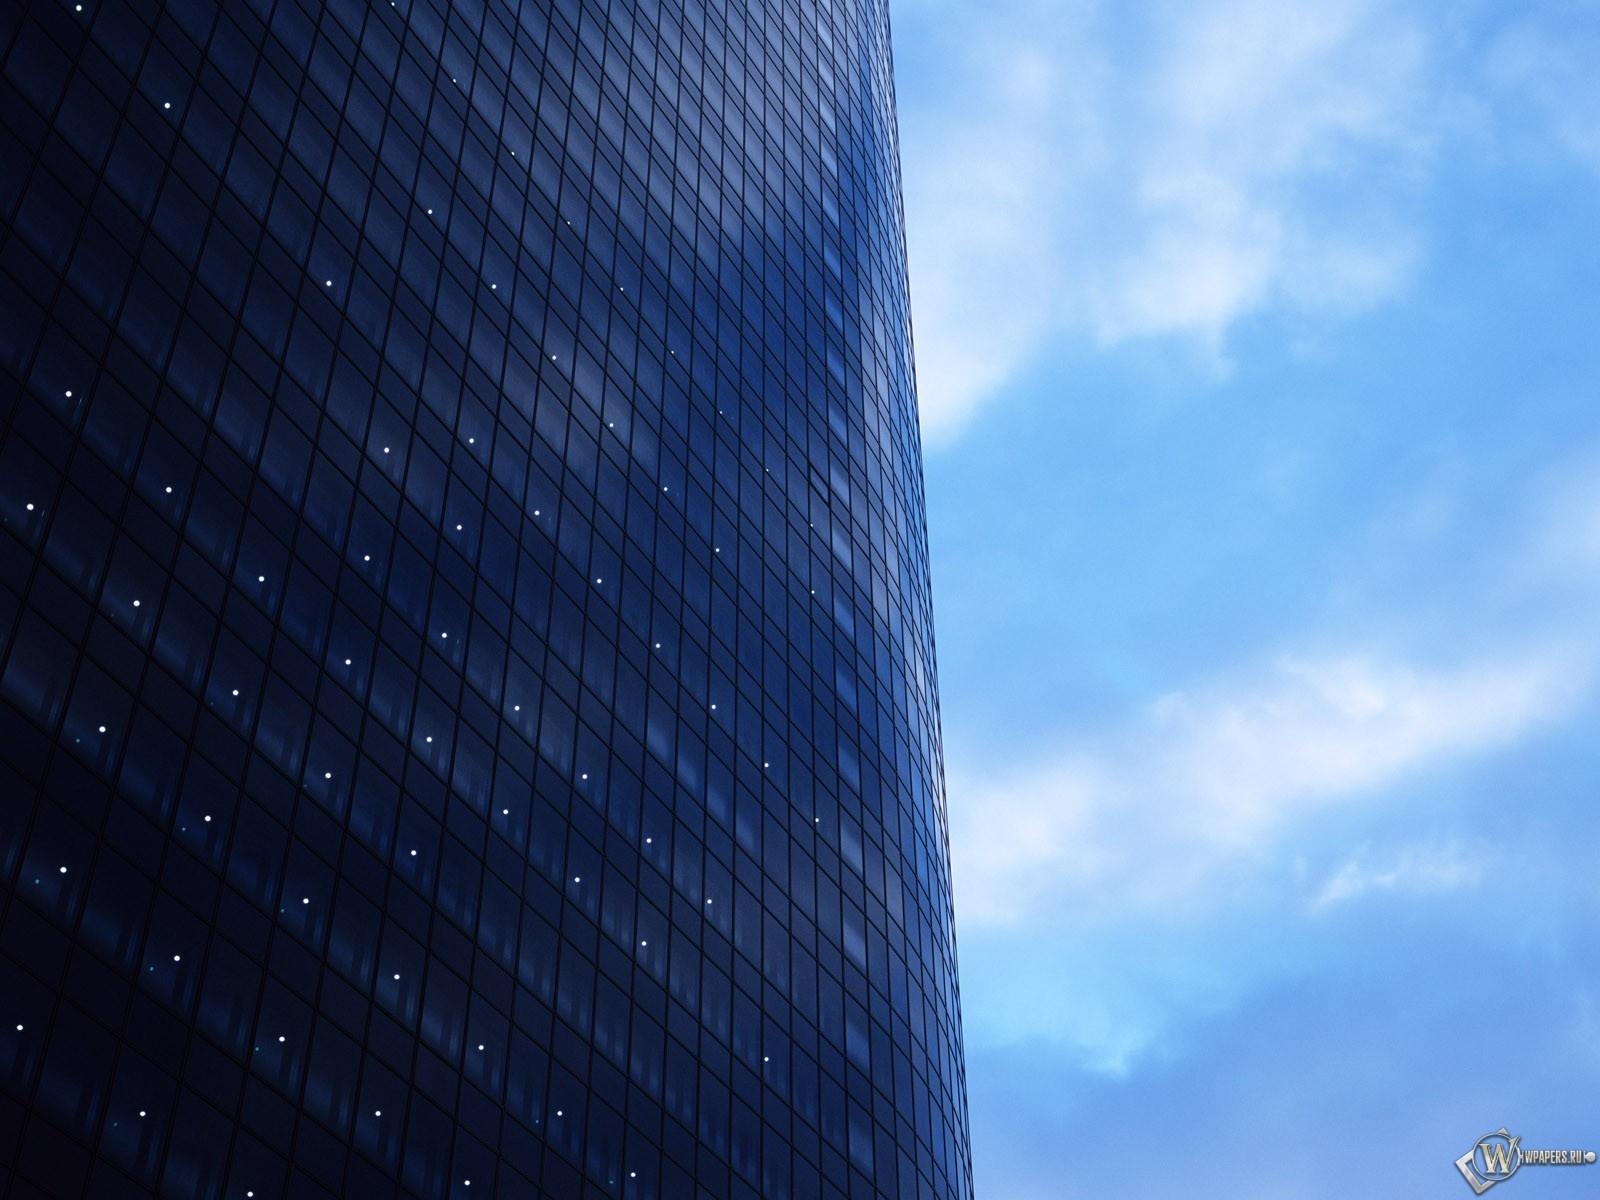 Башня небоскреба 1600x1200